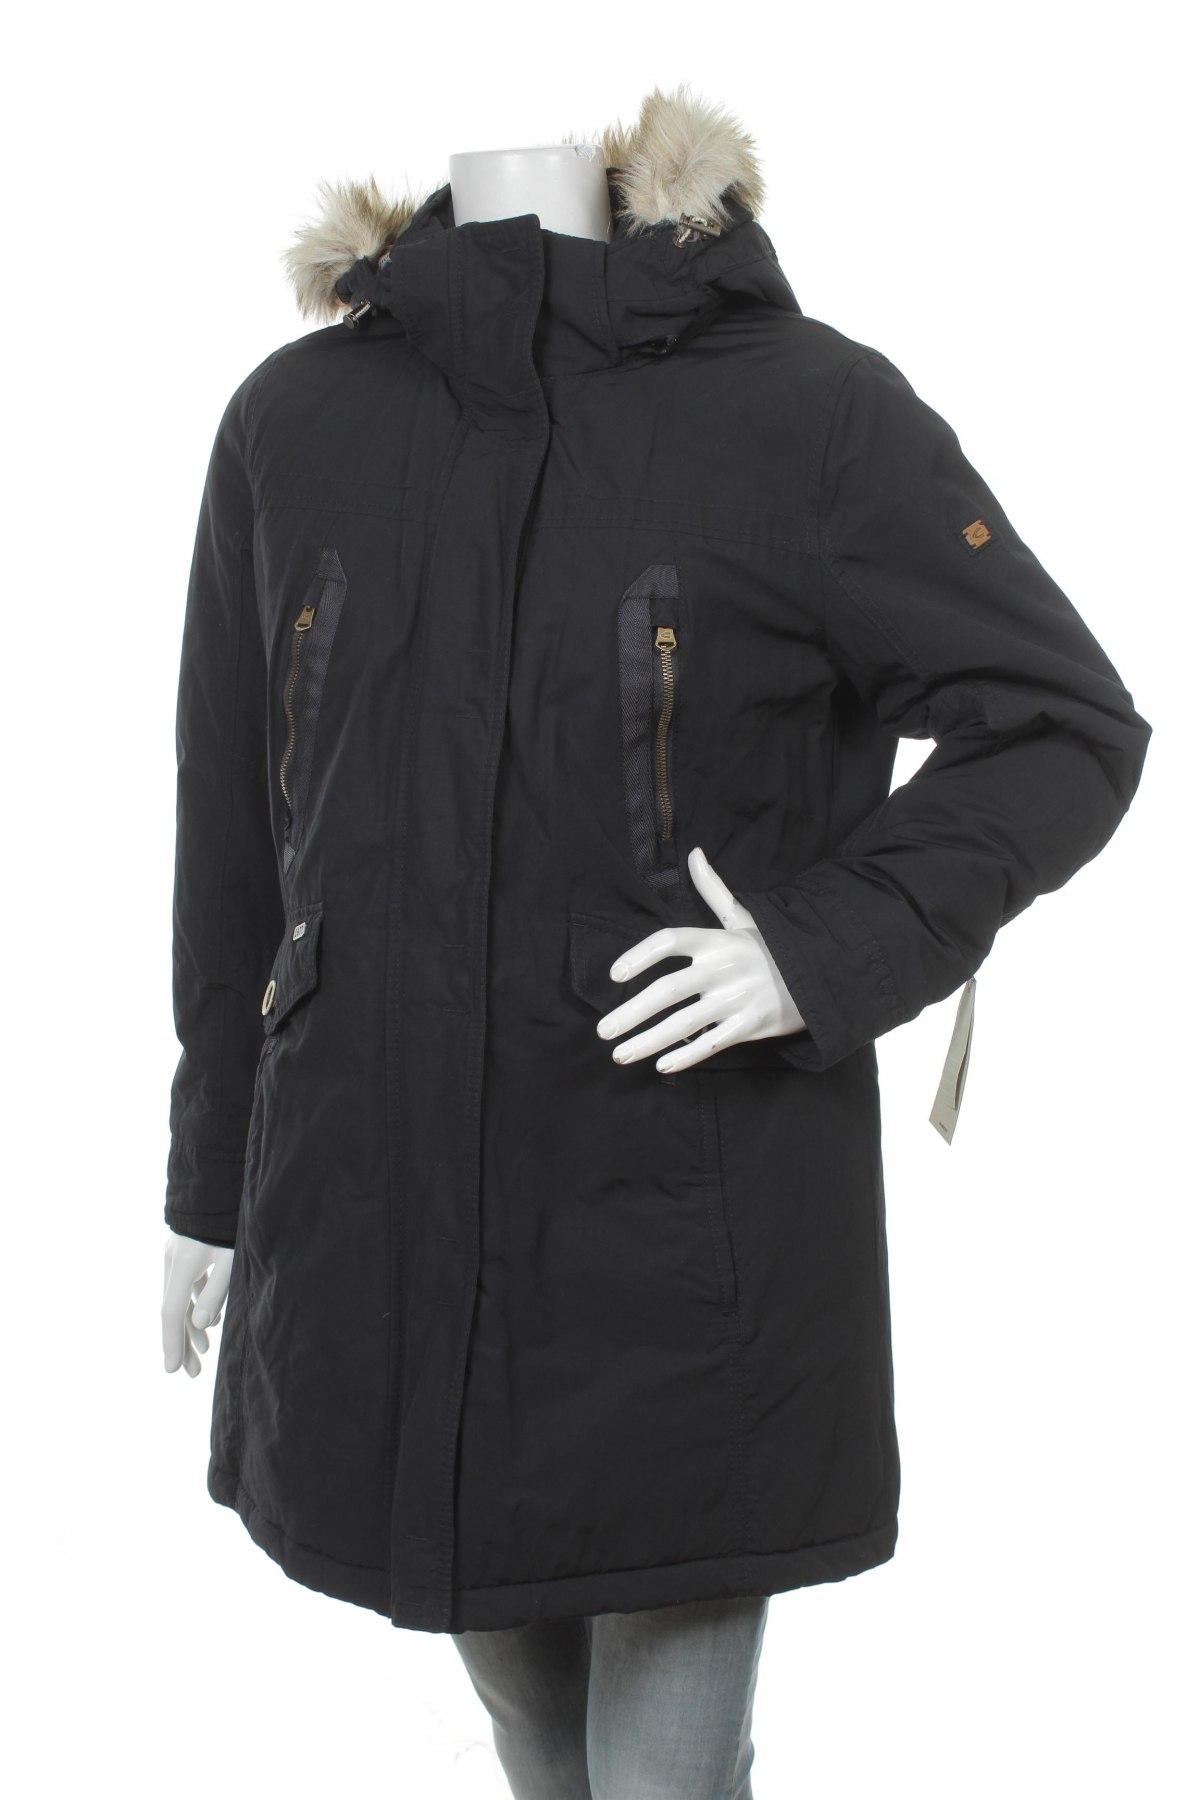 Γυναικείο μπουφάν Camel Active - αγοράστε σε τιμή που συμφέρει στο ... 2e35172316a